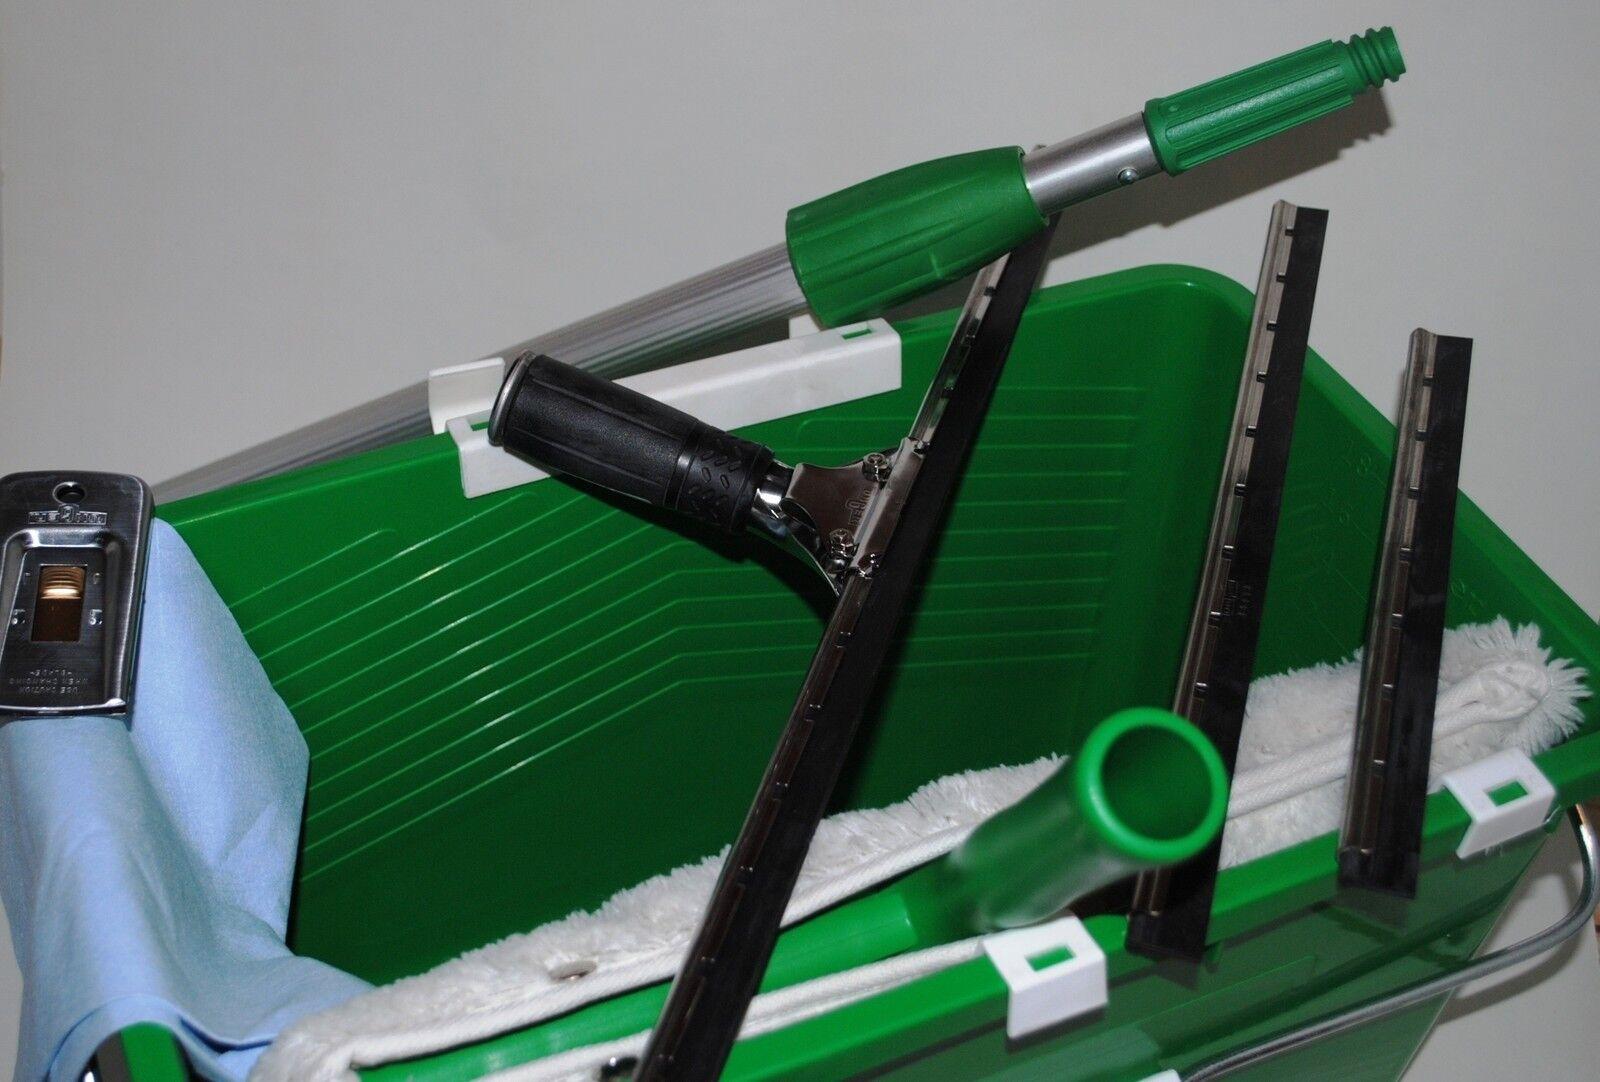 kit pro lavage vitres unger perche raclette 25 35 45 mouilleur grattoir vitre ebay. Black Bedroom Furniture Sets. Home Design Ideas